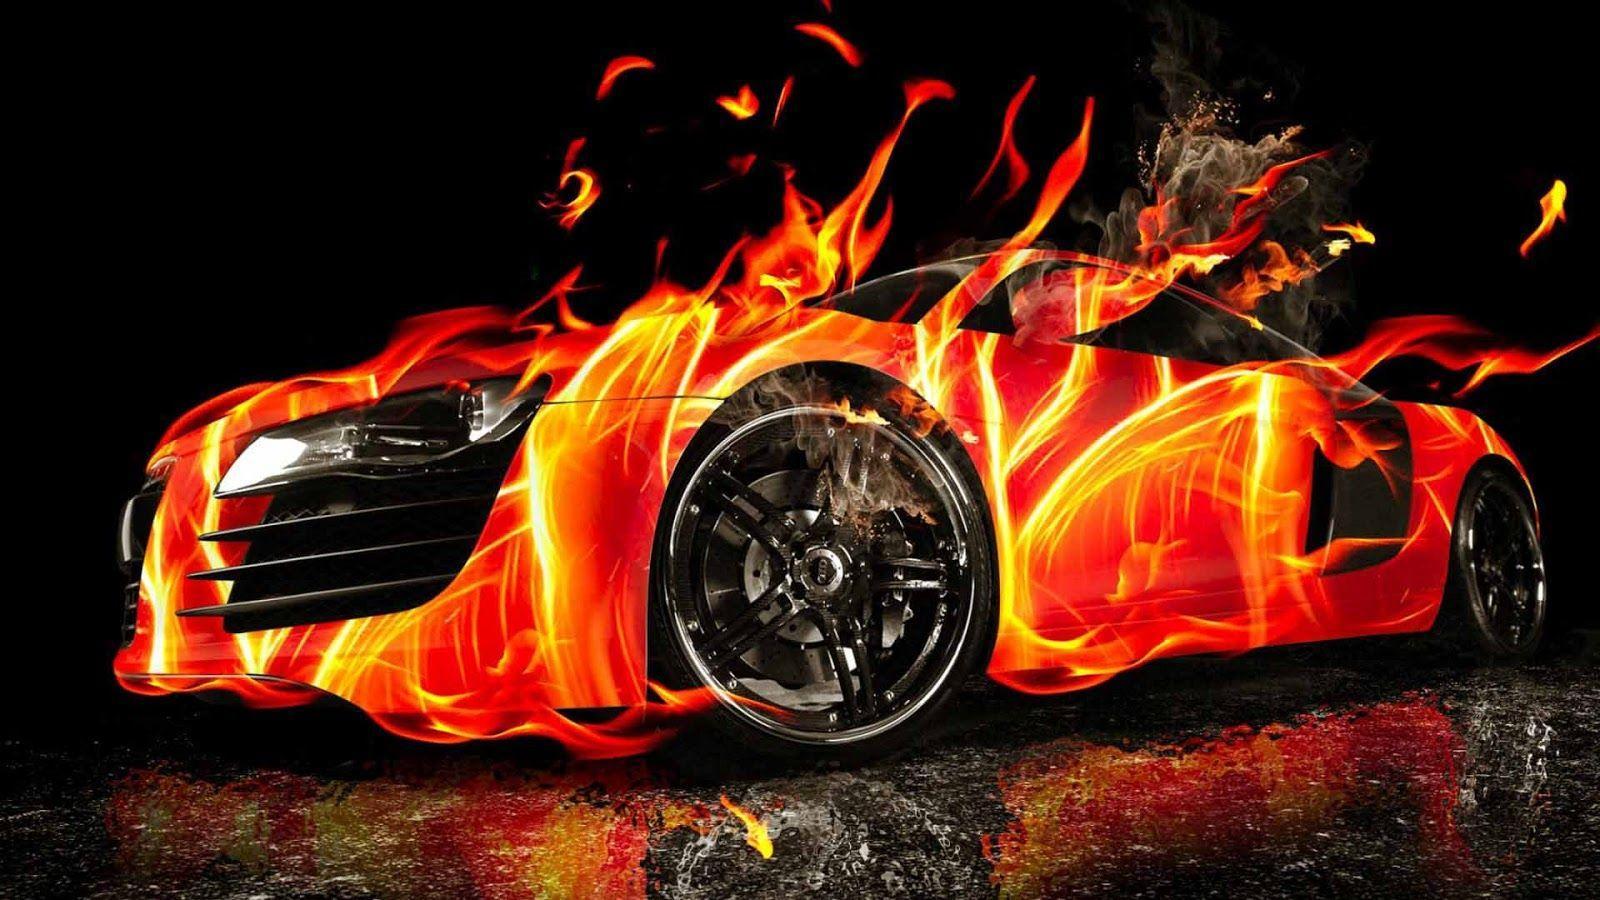 Fire On Car Wallpaper HQ Wallpaper | WallpaperLepi